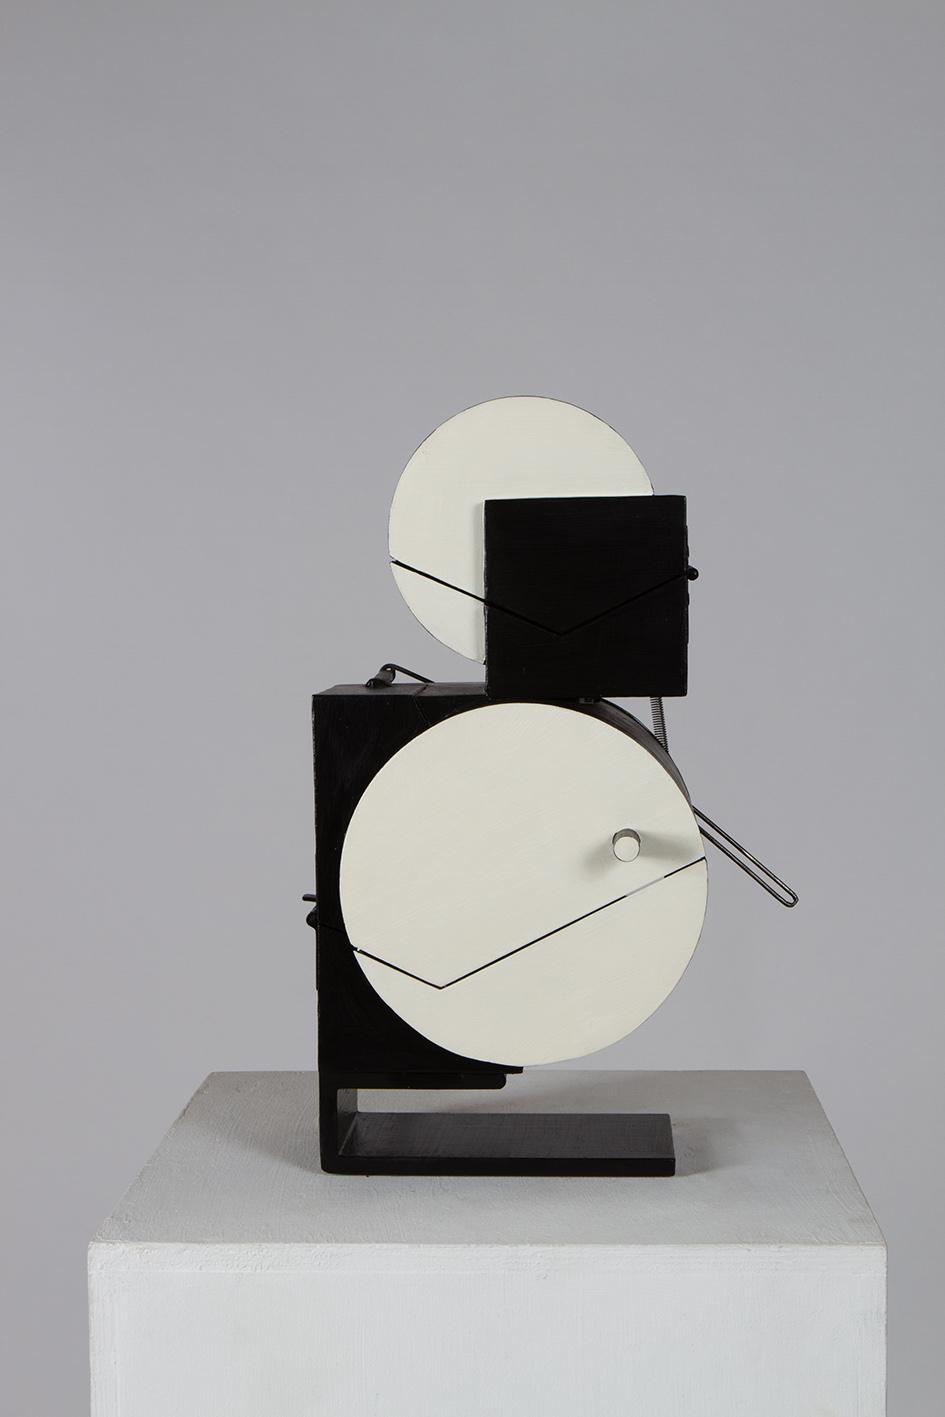 8*2 Noire et blanche (2015) H. 35cm Ouverte 47cm L. 27cm Ouverte 40cm P. 20cm